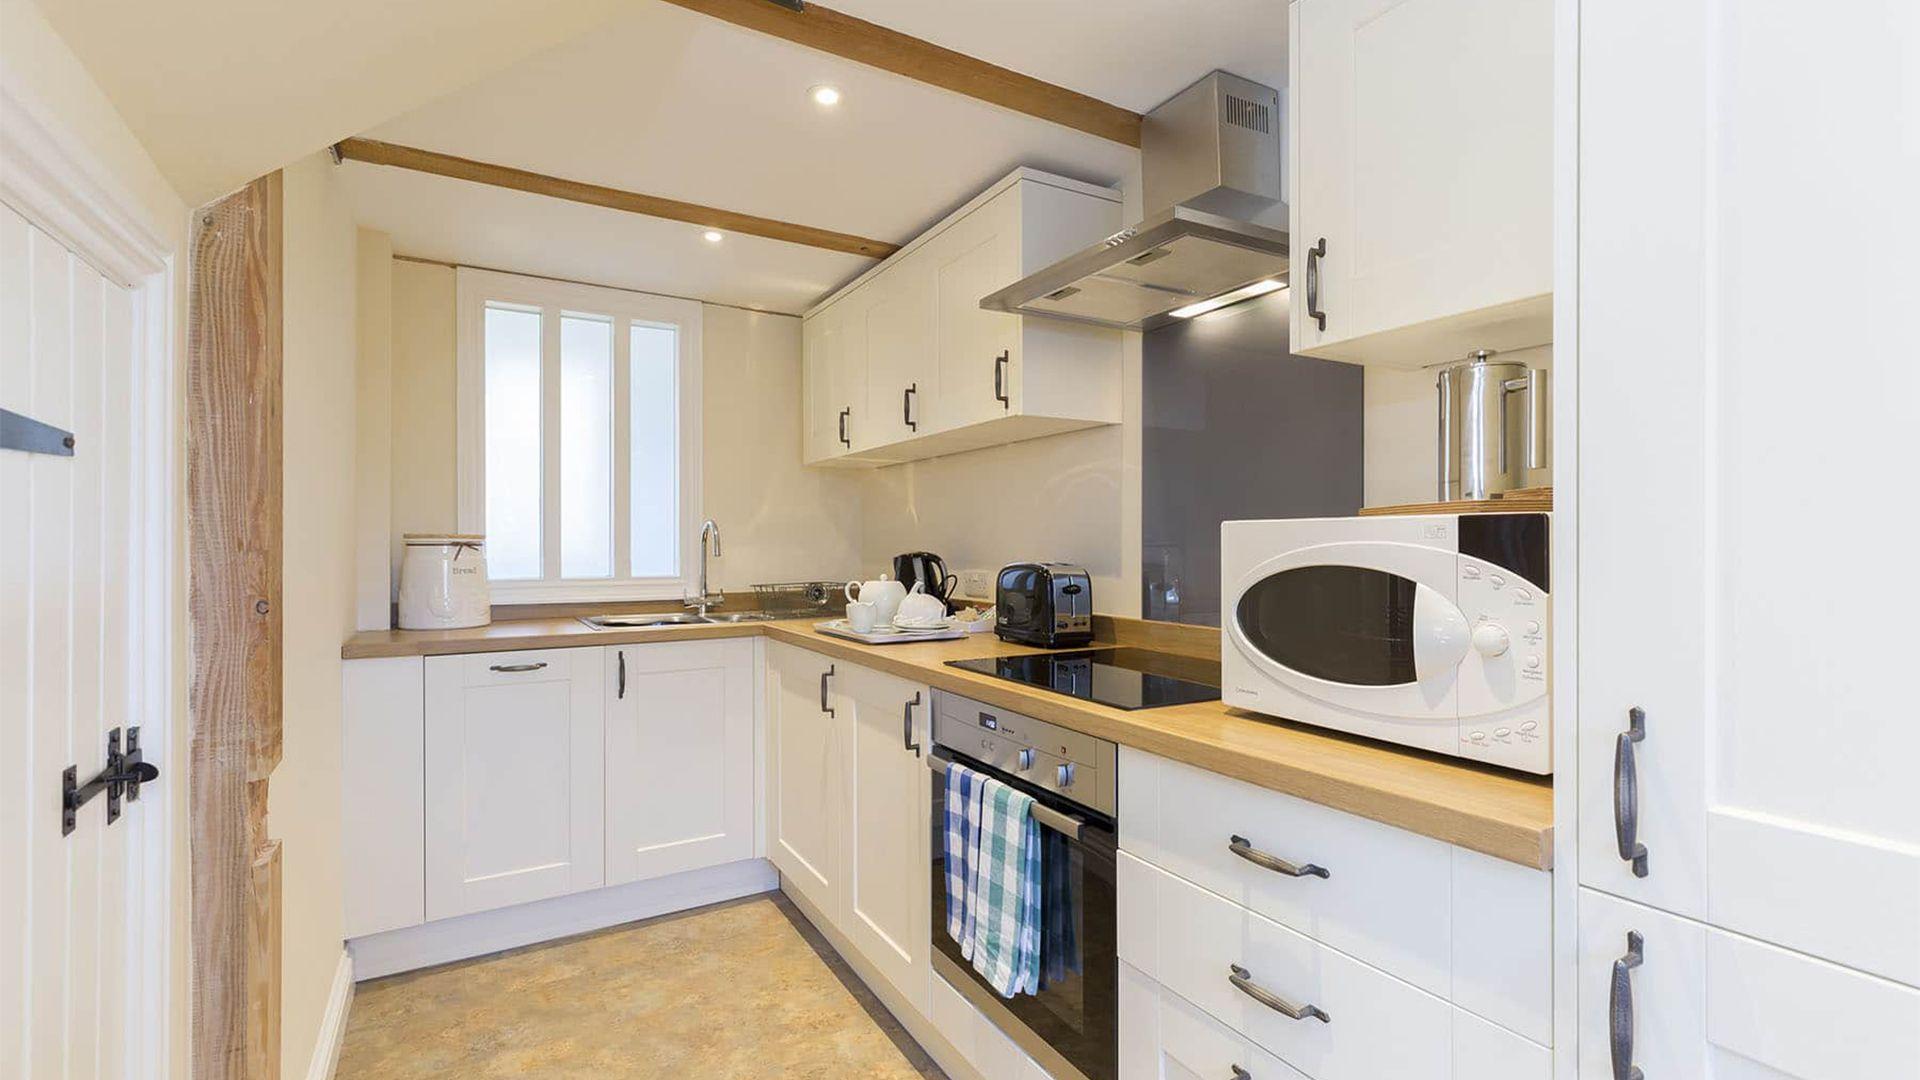 Kitchen, St Kenelm at Sudeley Castle, Bolthole Retreats